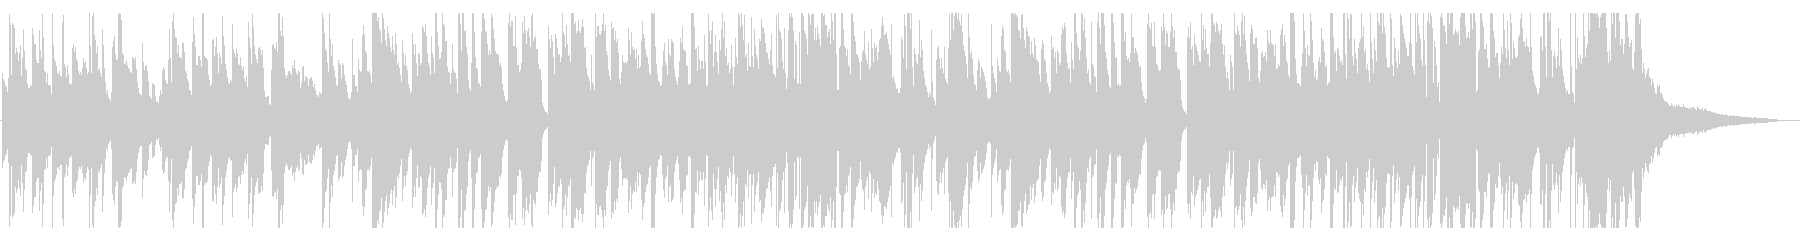 夜・リラックス・ジャズ・スローテンポの未再生の波形